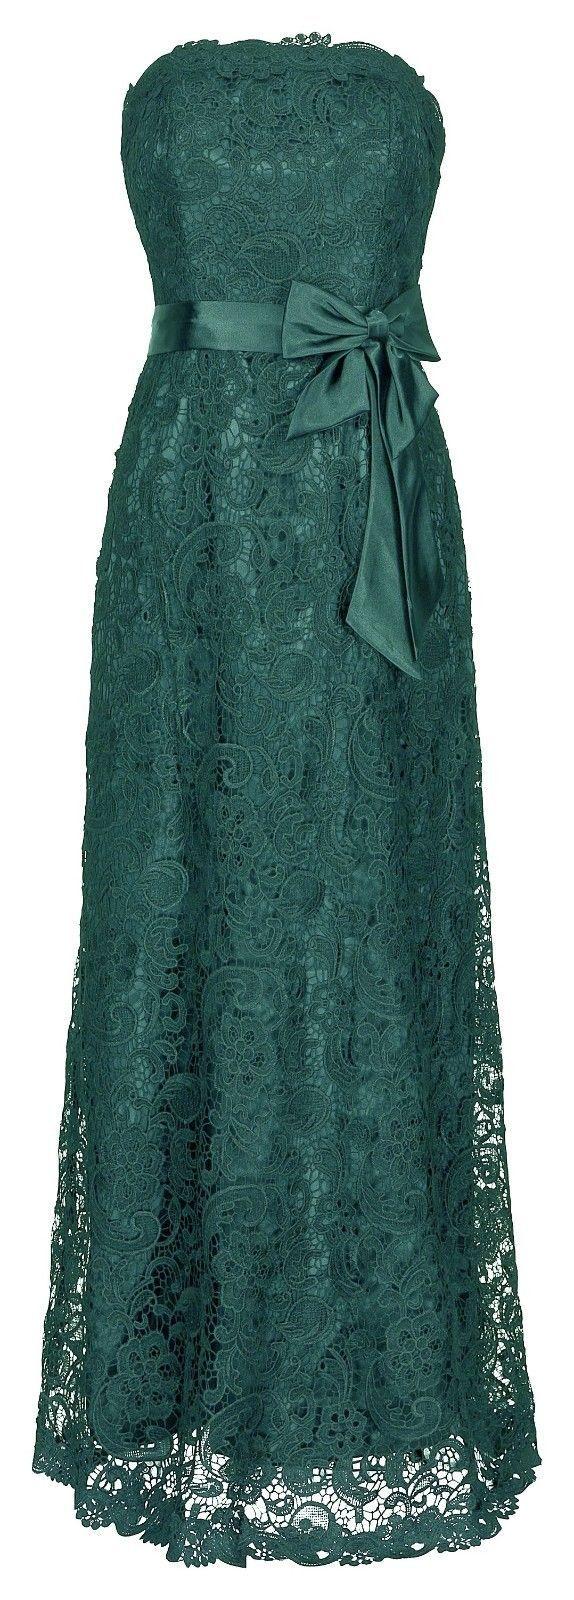 Juju Christine Asymetrisches Abendkleid Ballkleid Cocktailkleid NeU (1510) | eBay